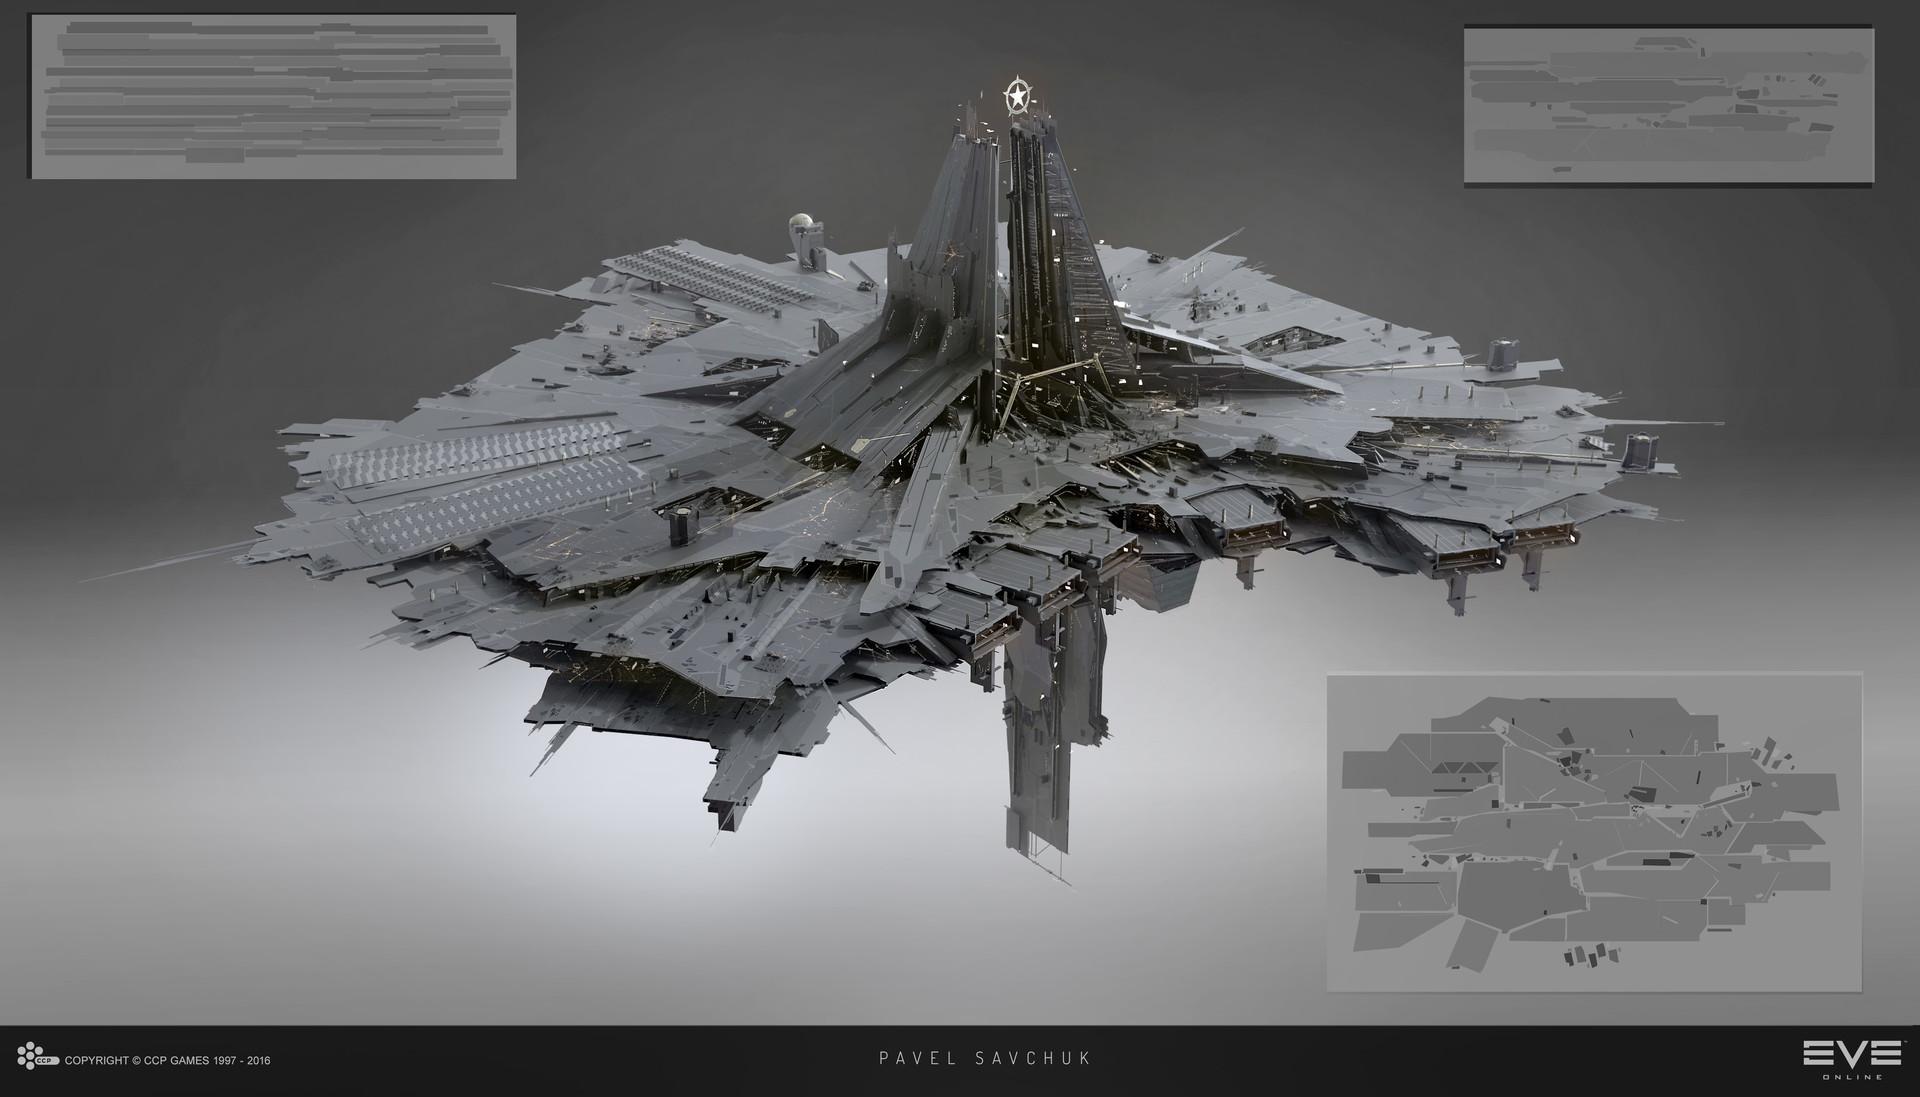 pavel-savchuk-citadel-m-texture-po-portf